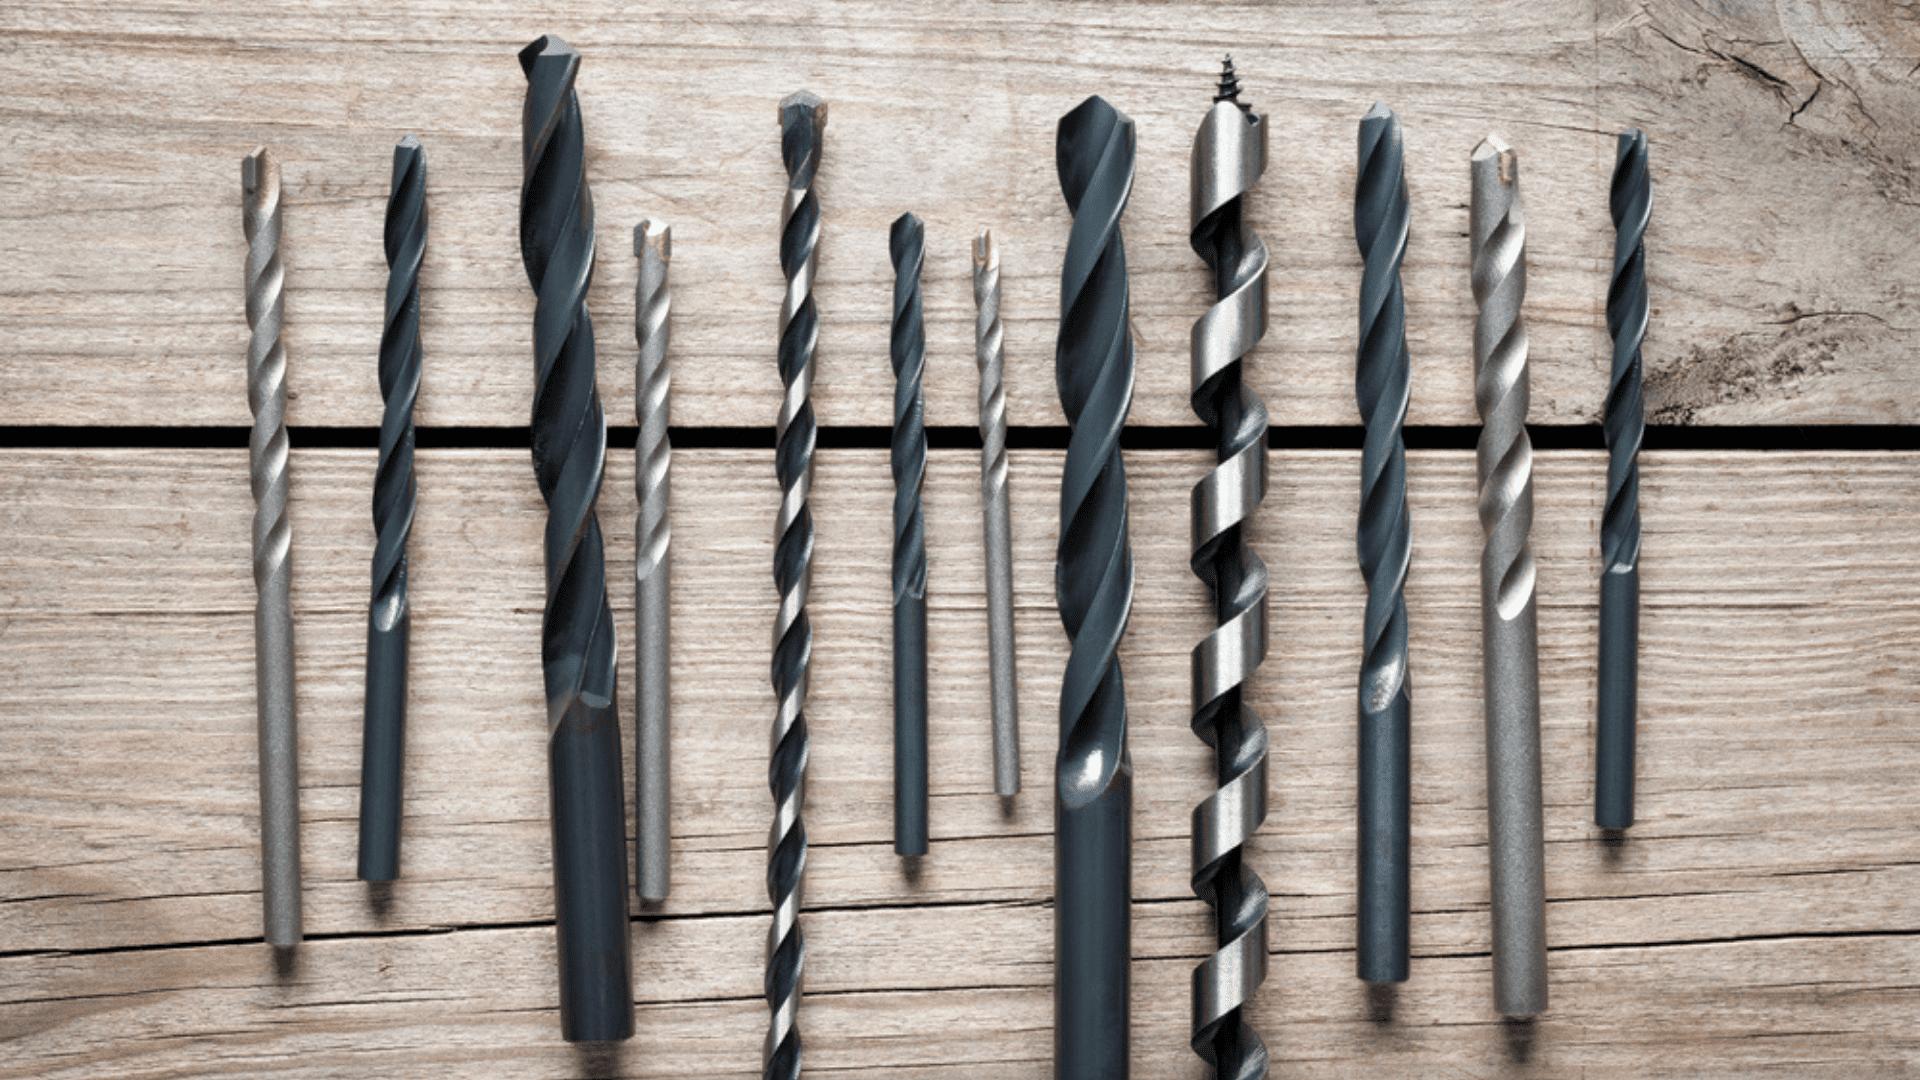 A broca é a peça-chave para usar a furadeira de forma (Imagem: Reprodução/Shutterstock)